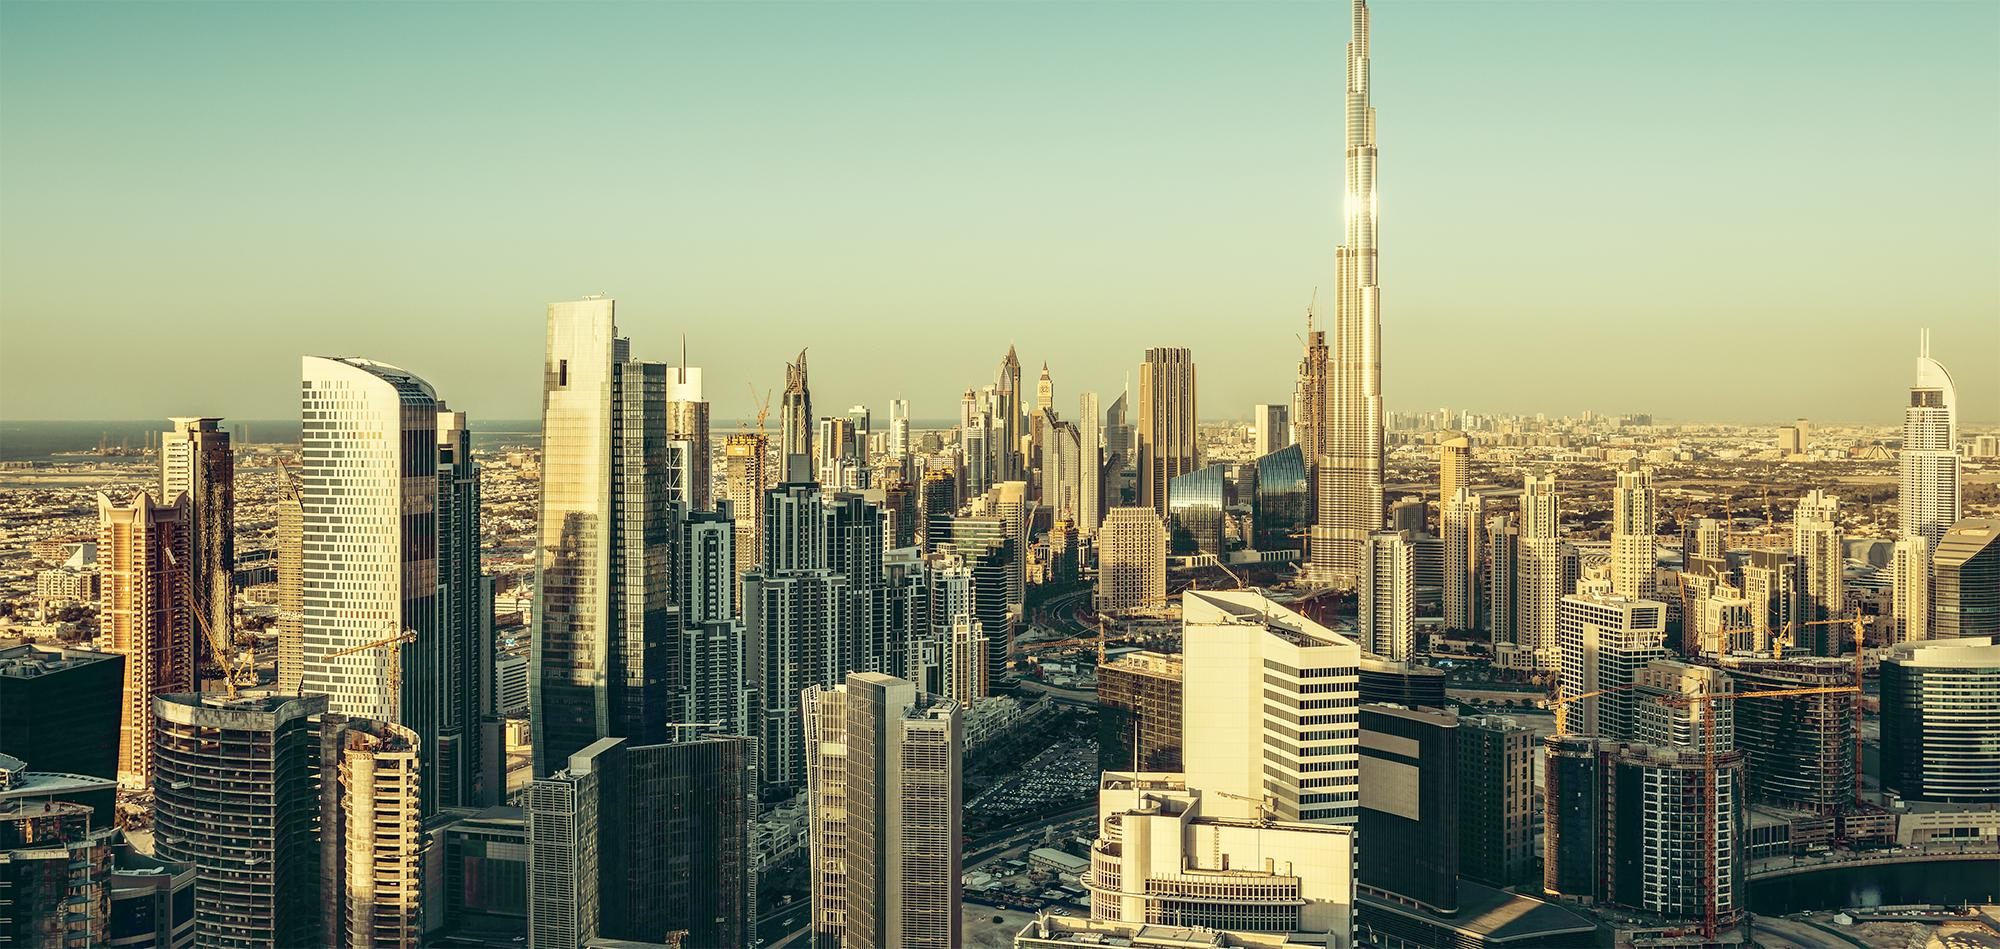 Skyline image of a city